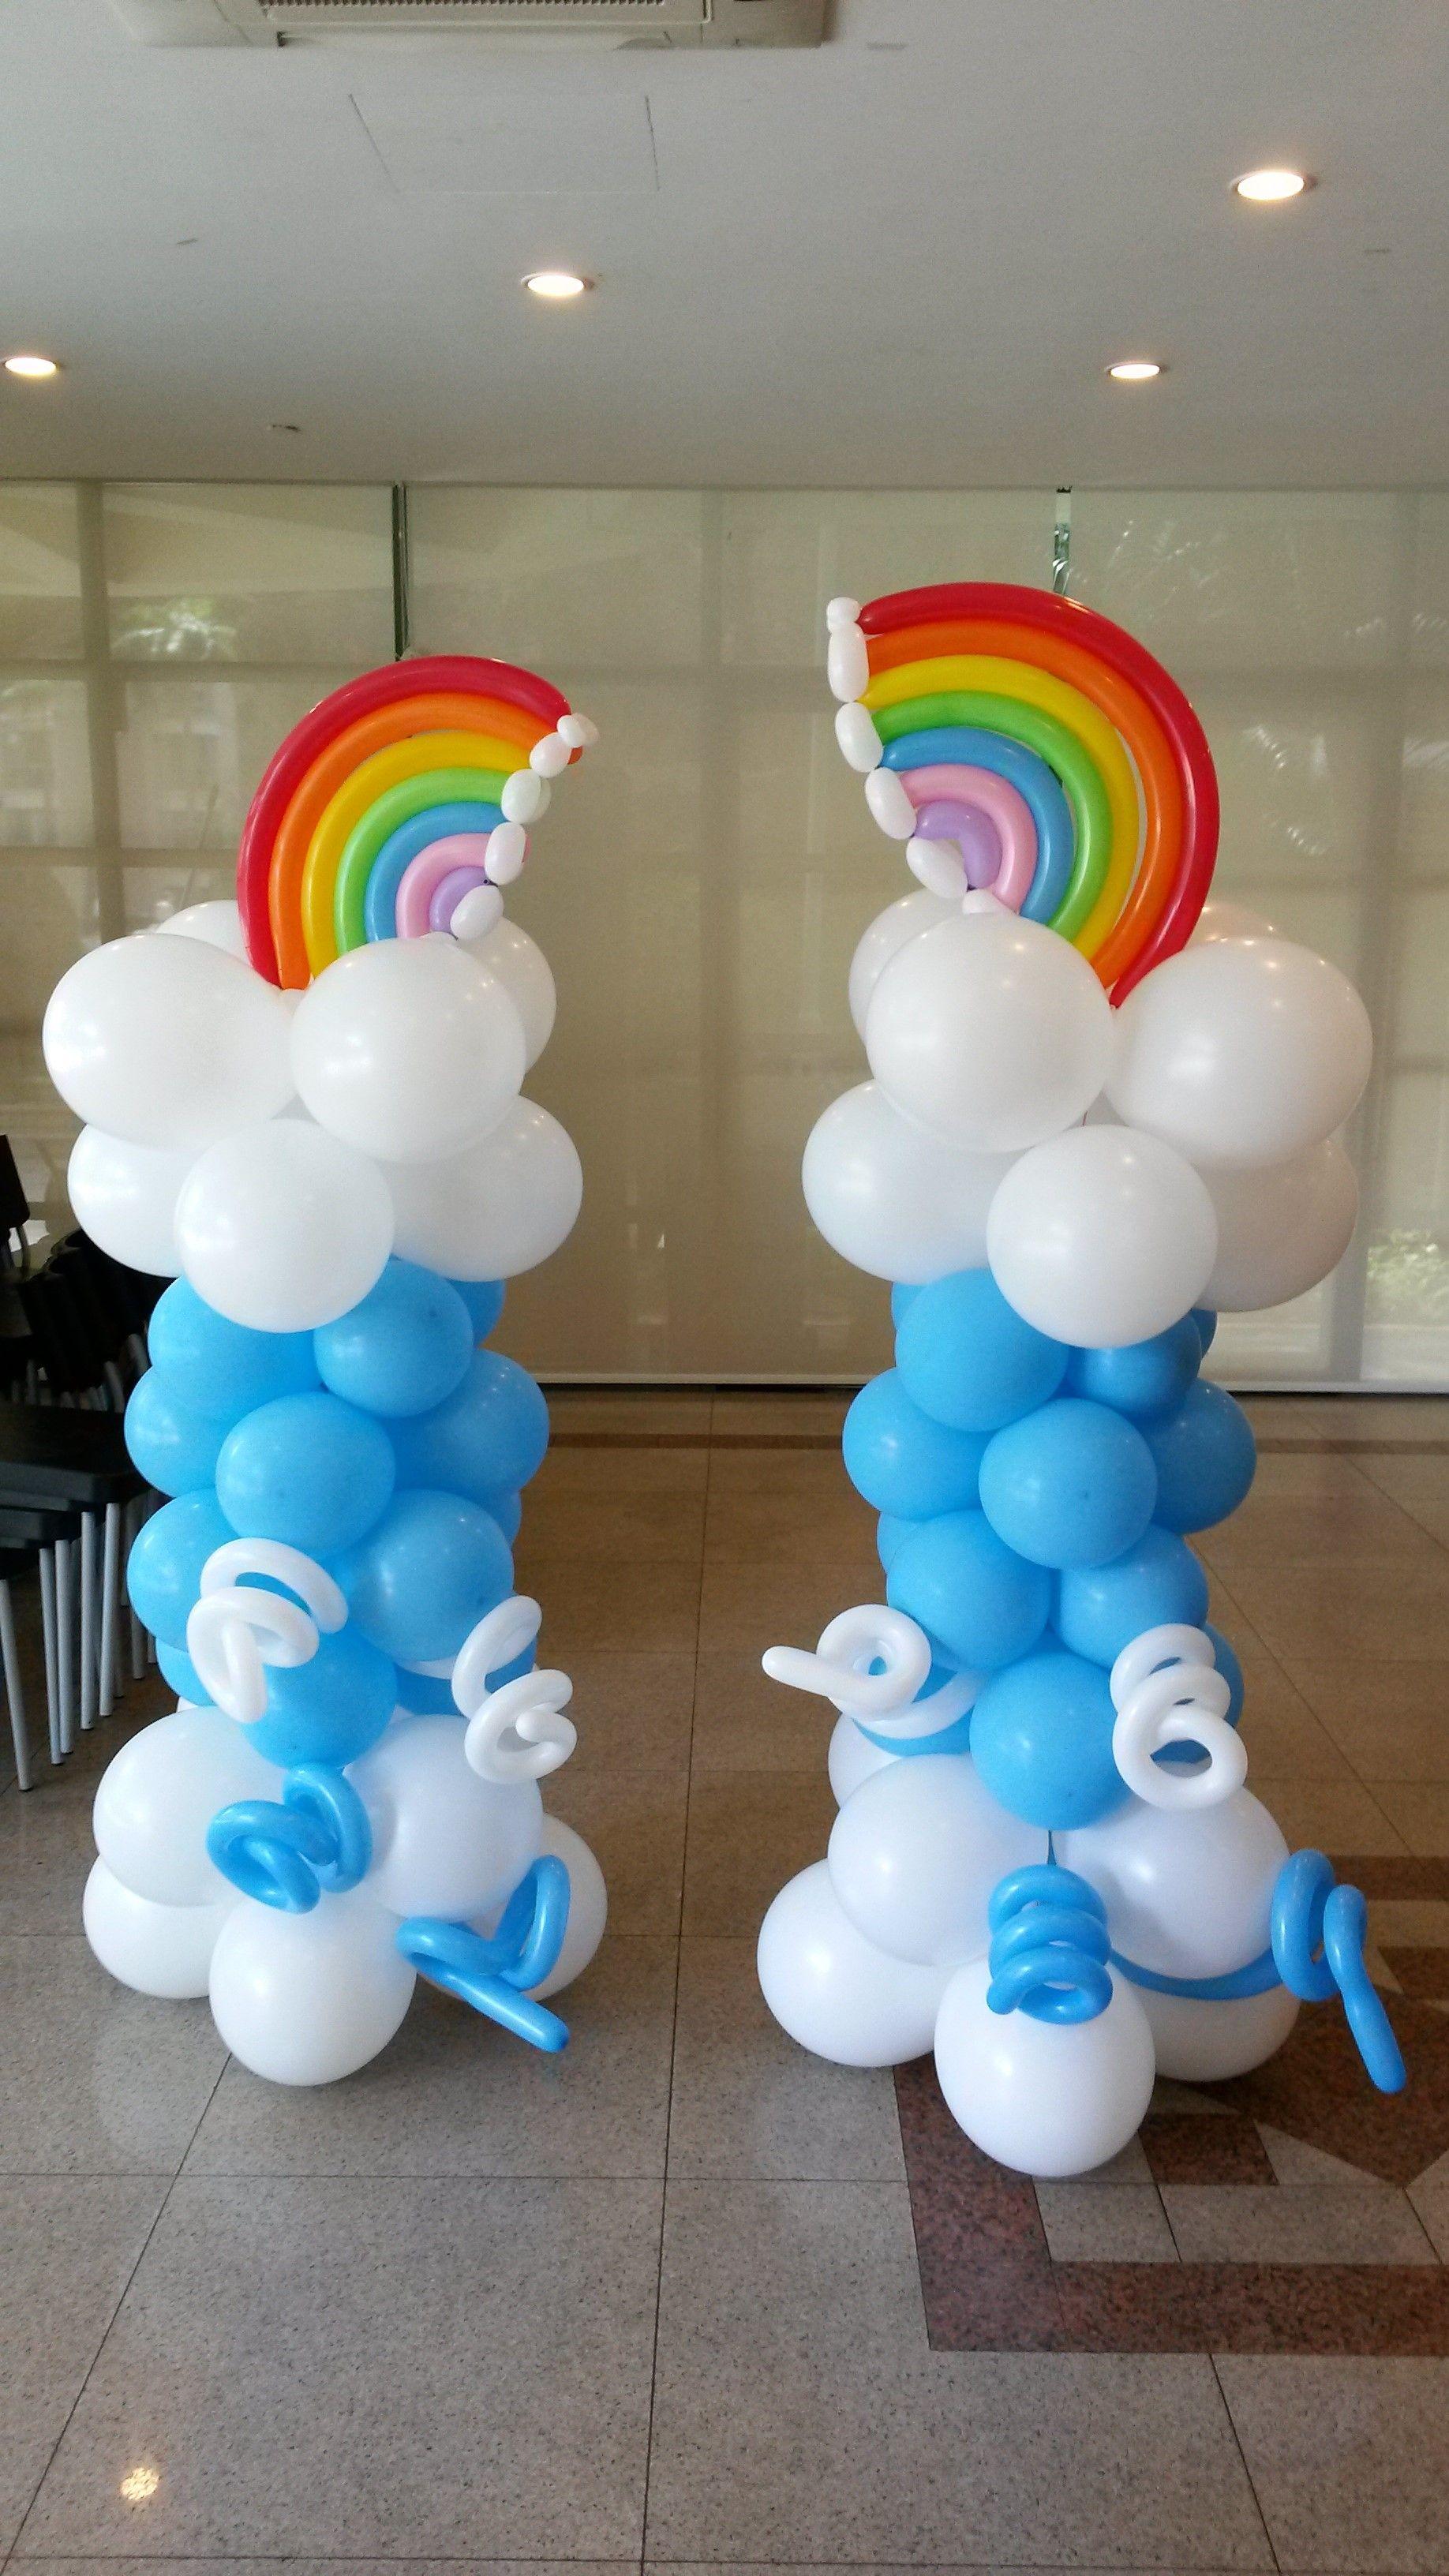 Diy balloon columns - Rainbow Balloon Columns